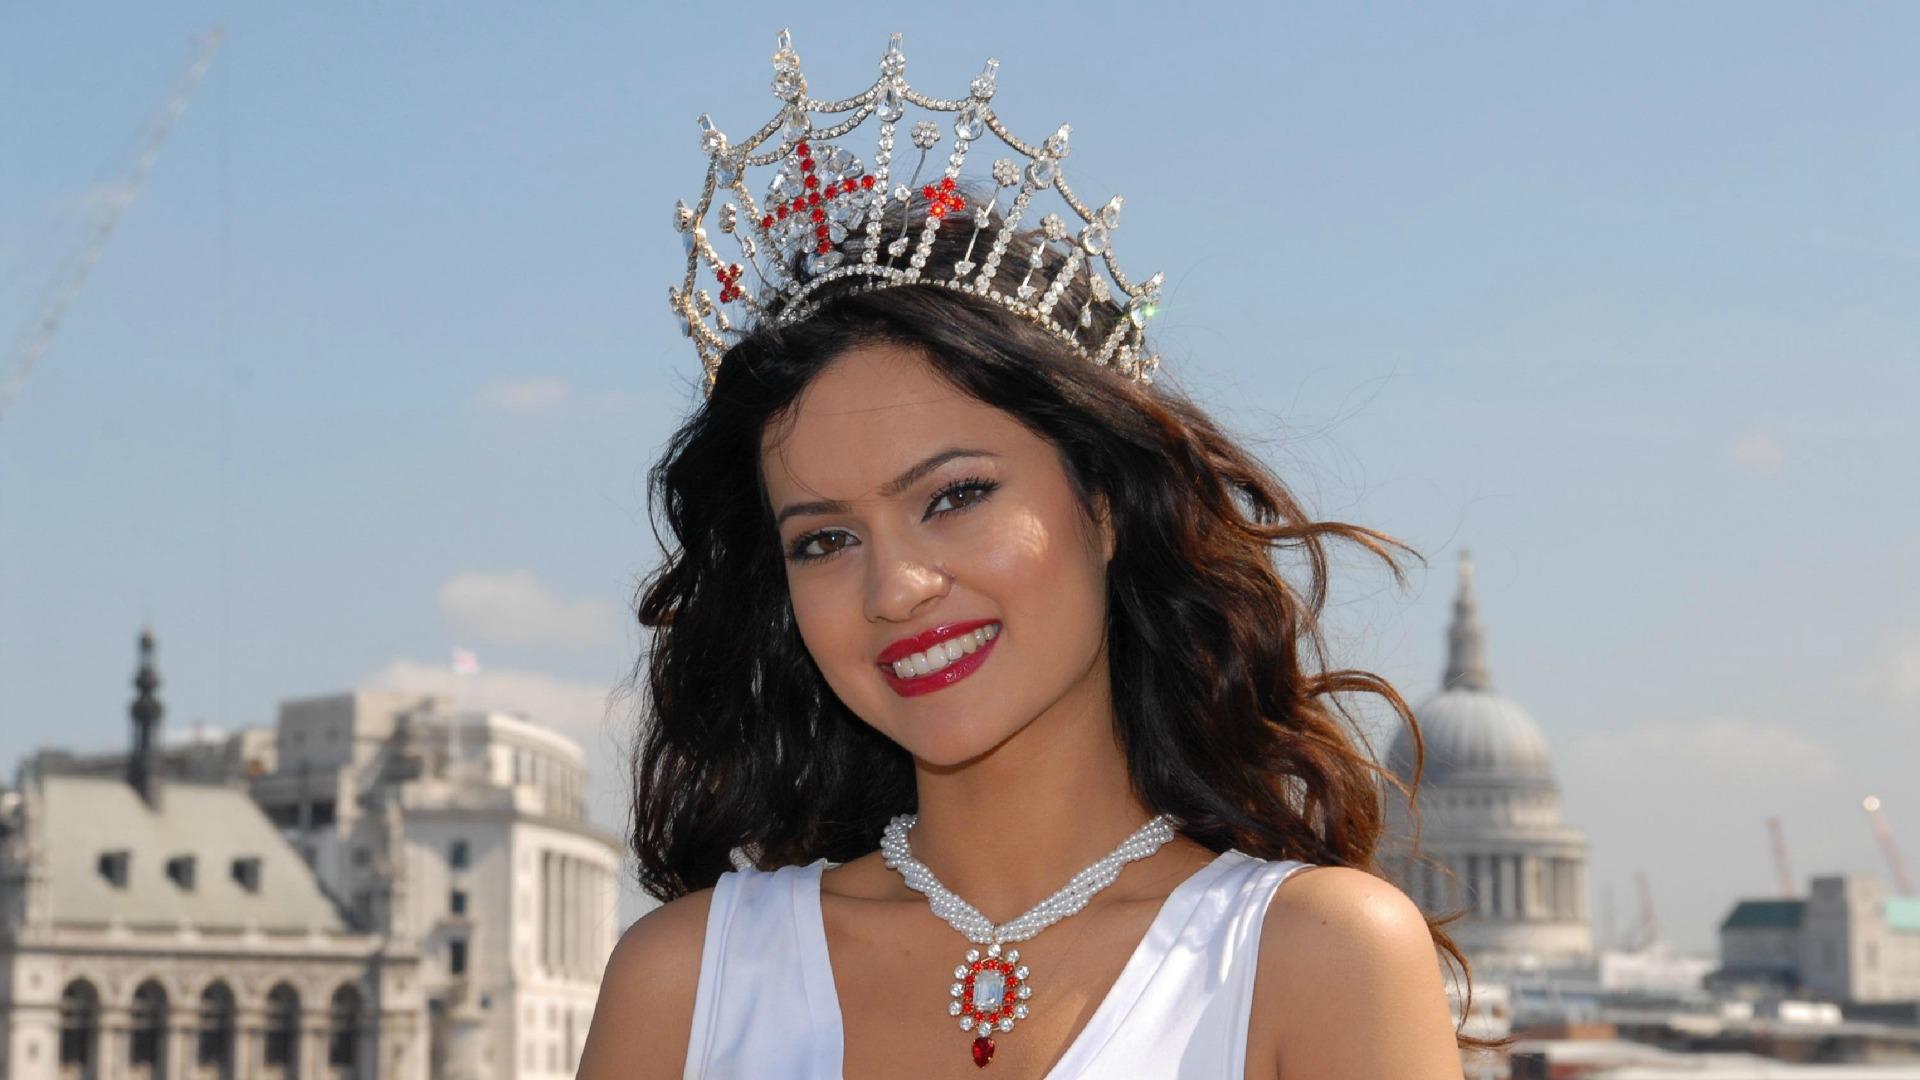 Фото красивых девушек таджикистана 16 фотография